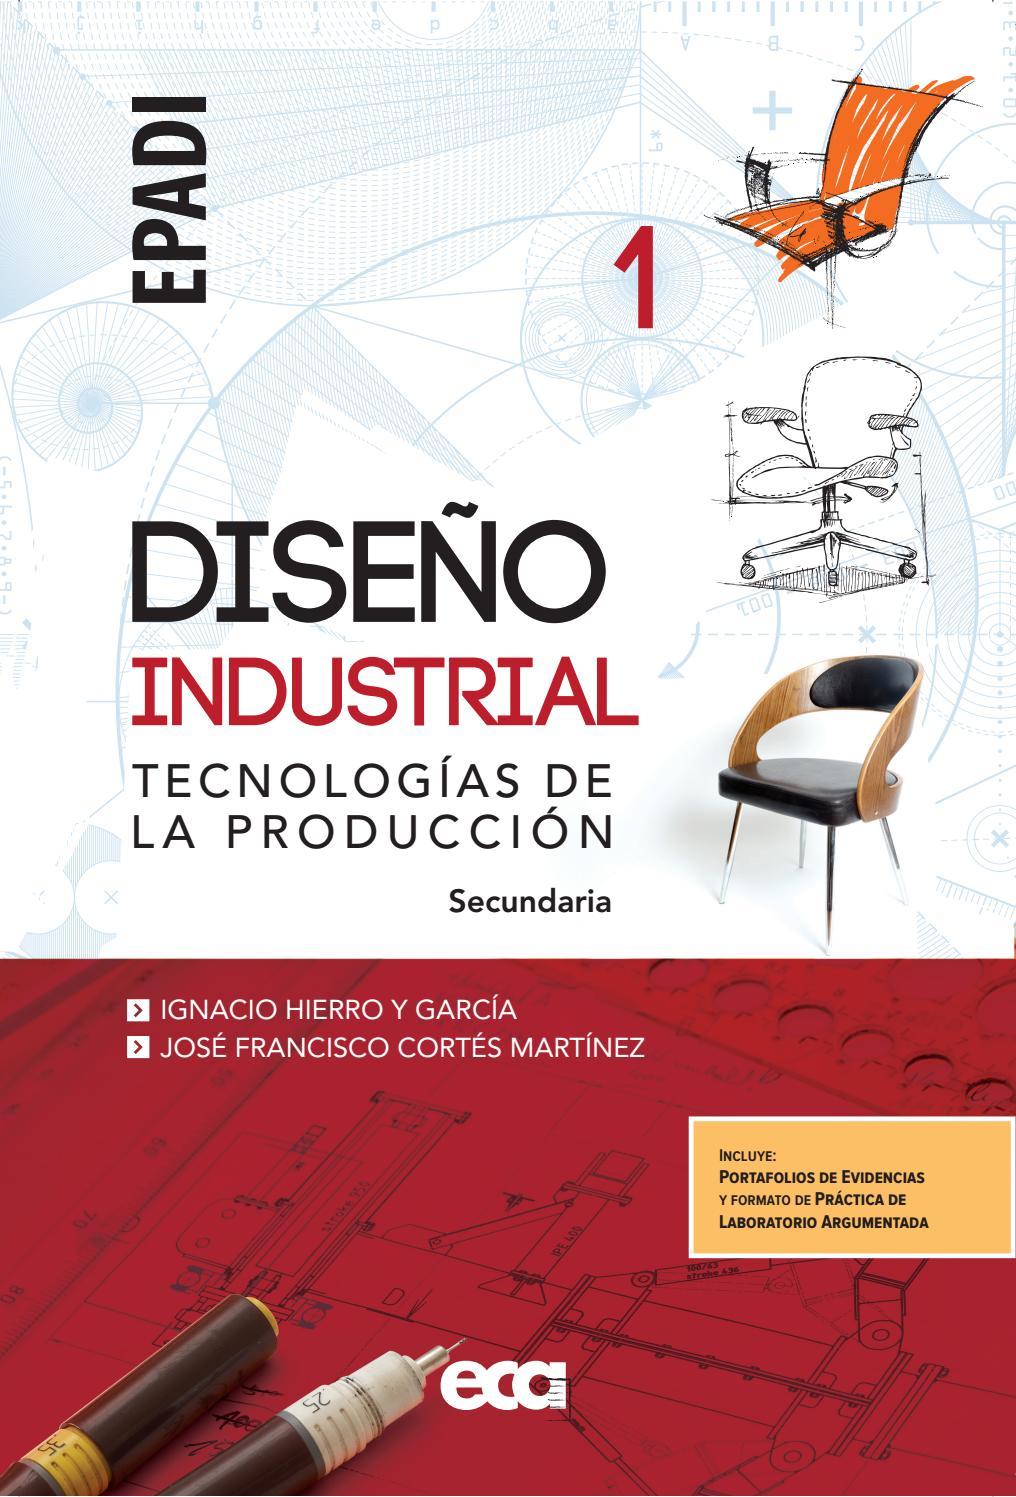 Diseño Industrial 1 by Ediciones Eca - Issuu